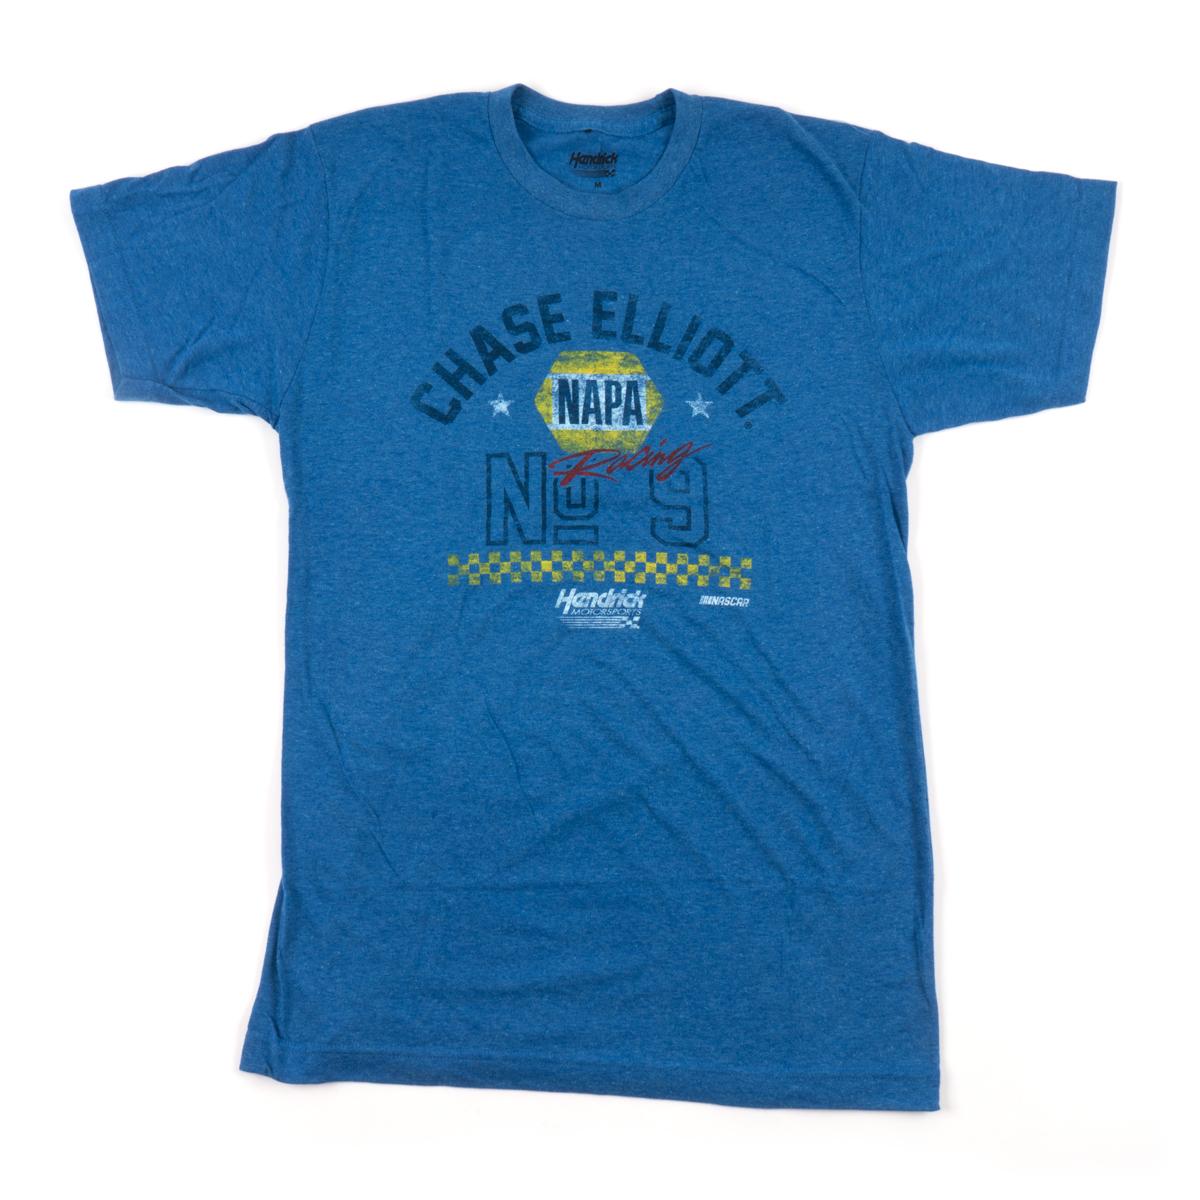 #9 Chase Elliott 2019 NASCAR Blue Victory T-shirt